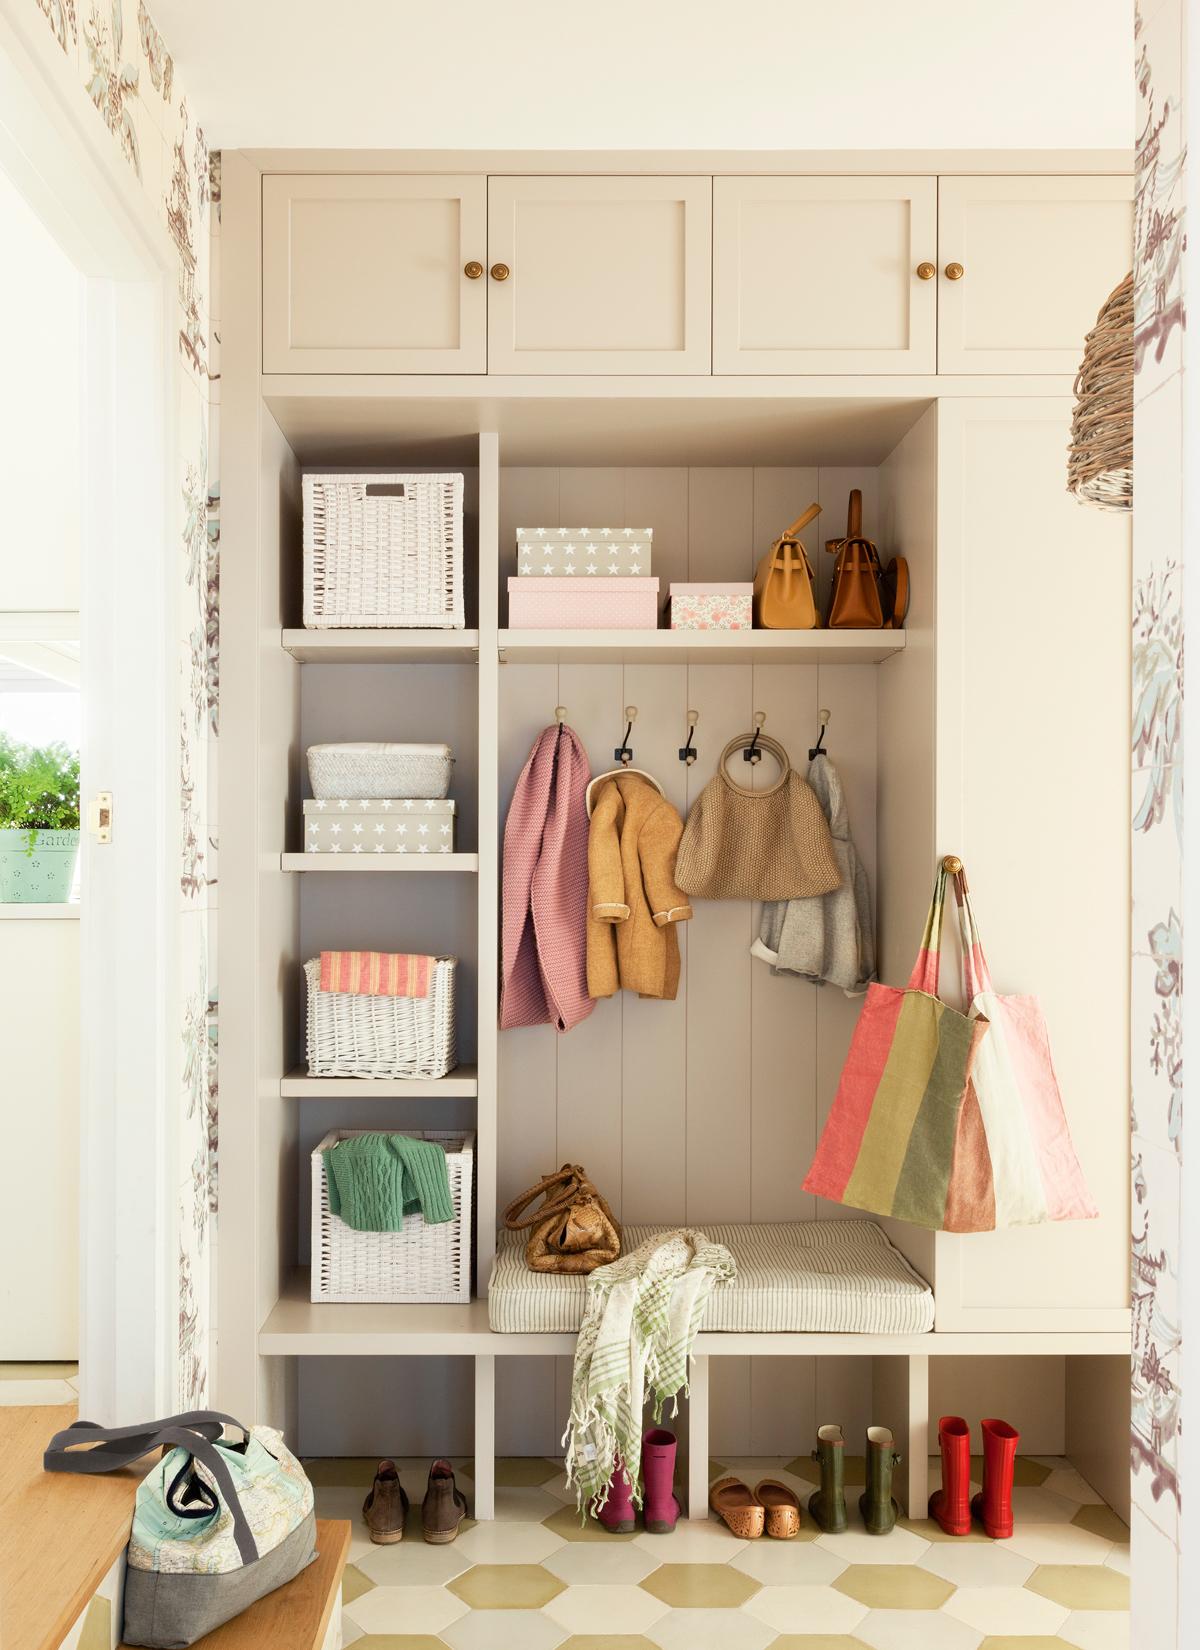 Foto de www.elmueble.com - Recibidores muebles